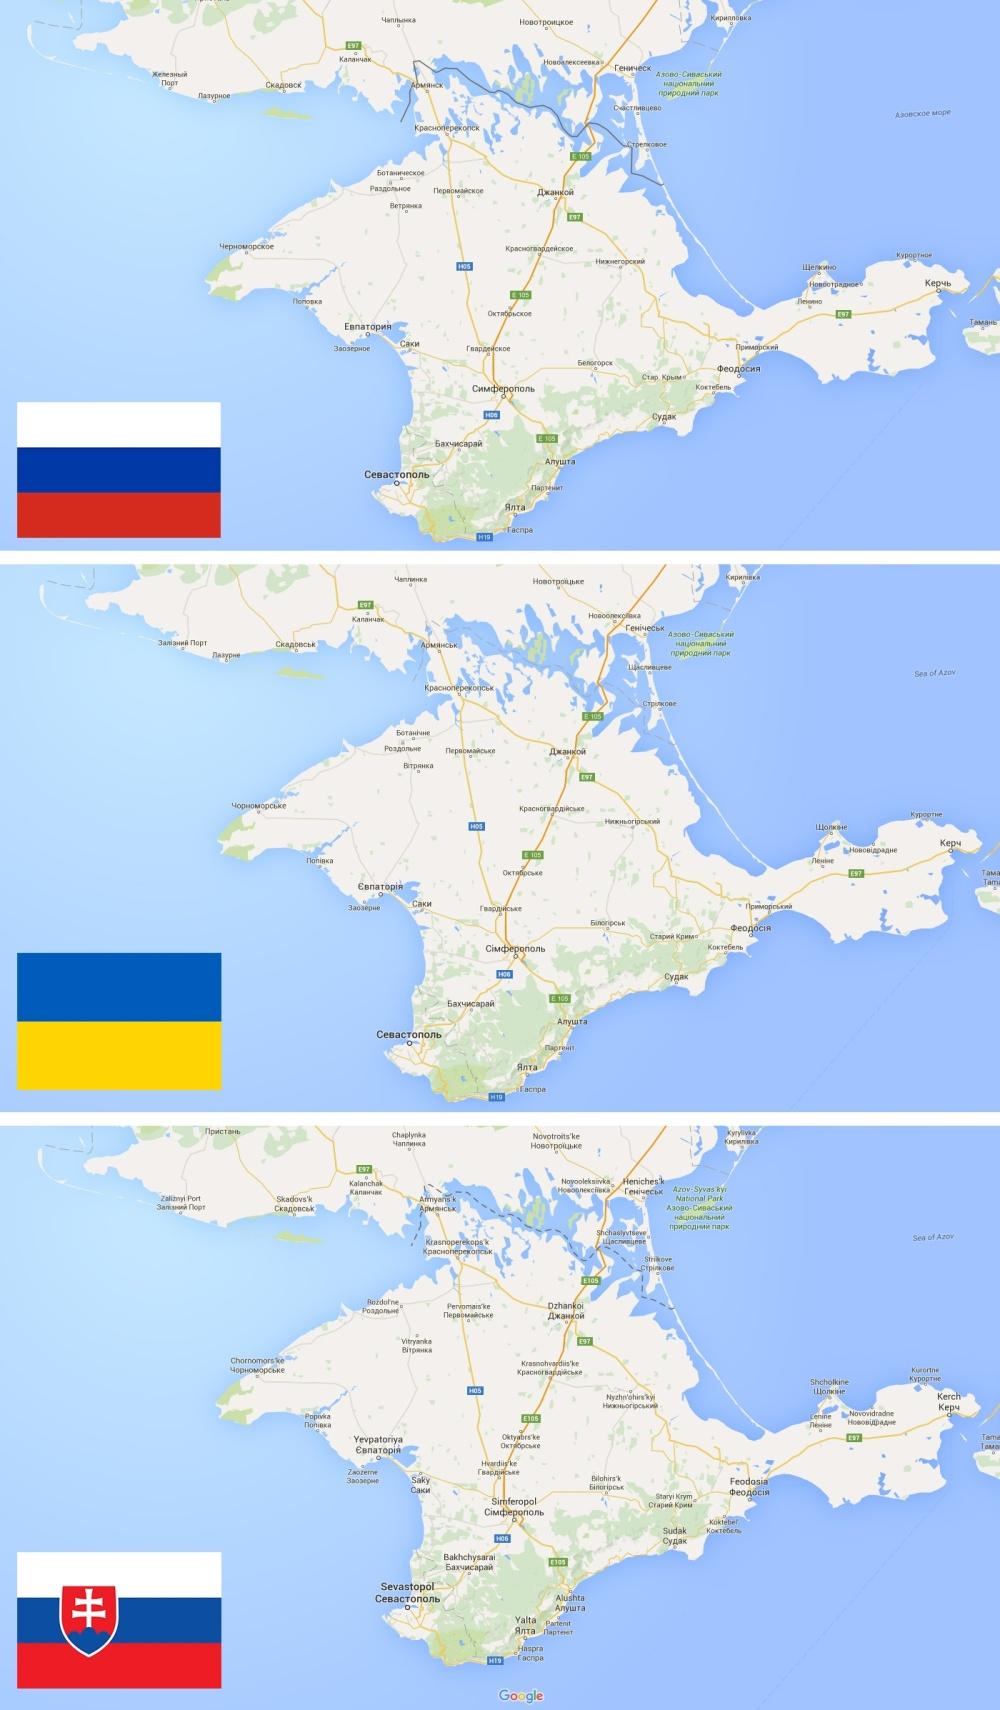 Rozdiely na mapách Googlu. Kým Rusi vidia, že Krym patrí im, Ukrajinci vidia jeho príslušnosť k sebe. Slovákom sa zobrazuje územie ako oblasť s nevyriešeným hraničným sporom